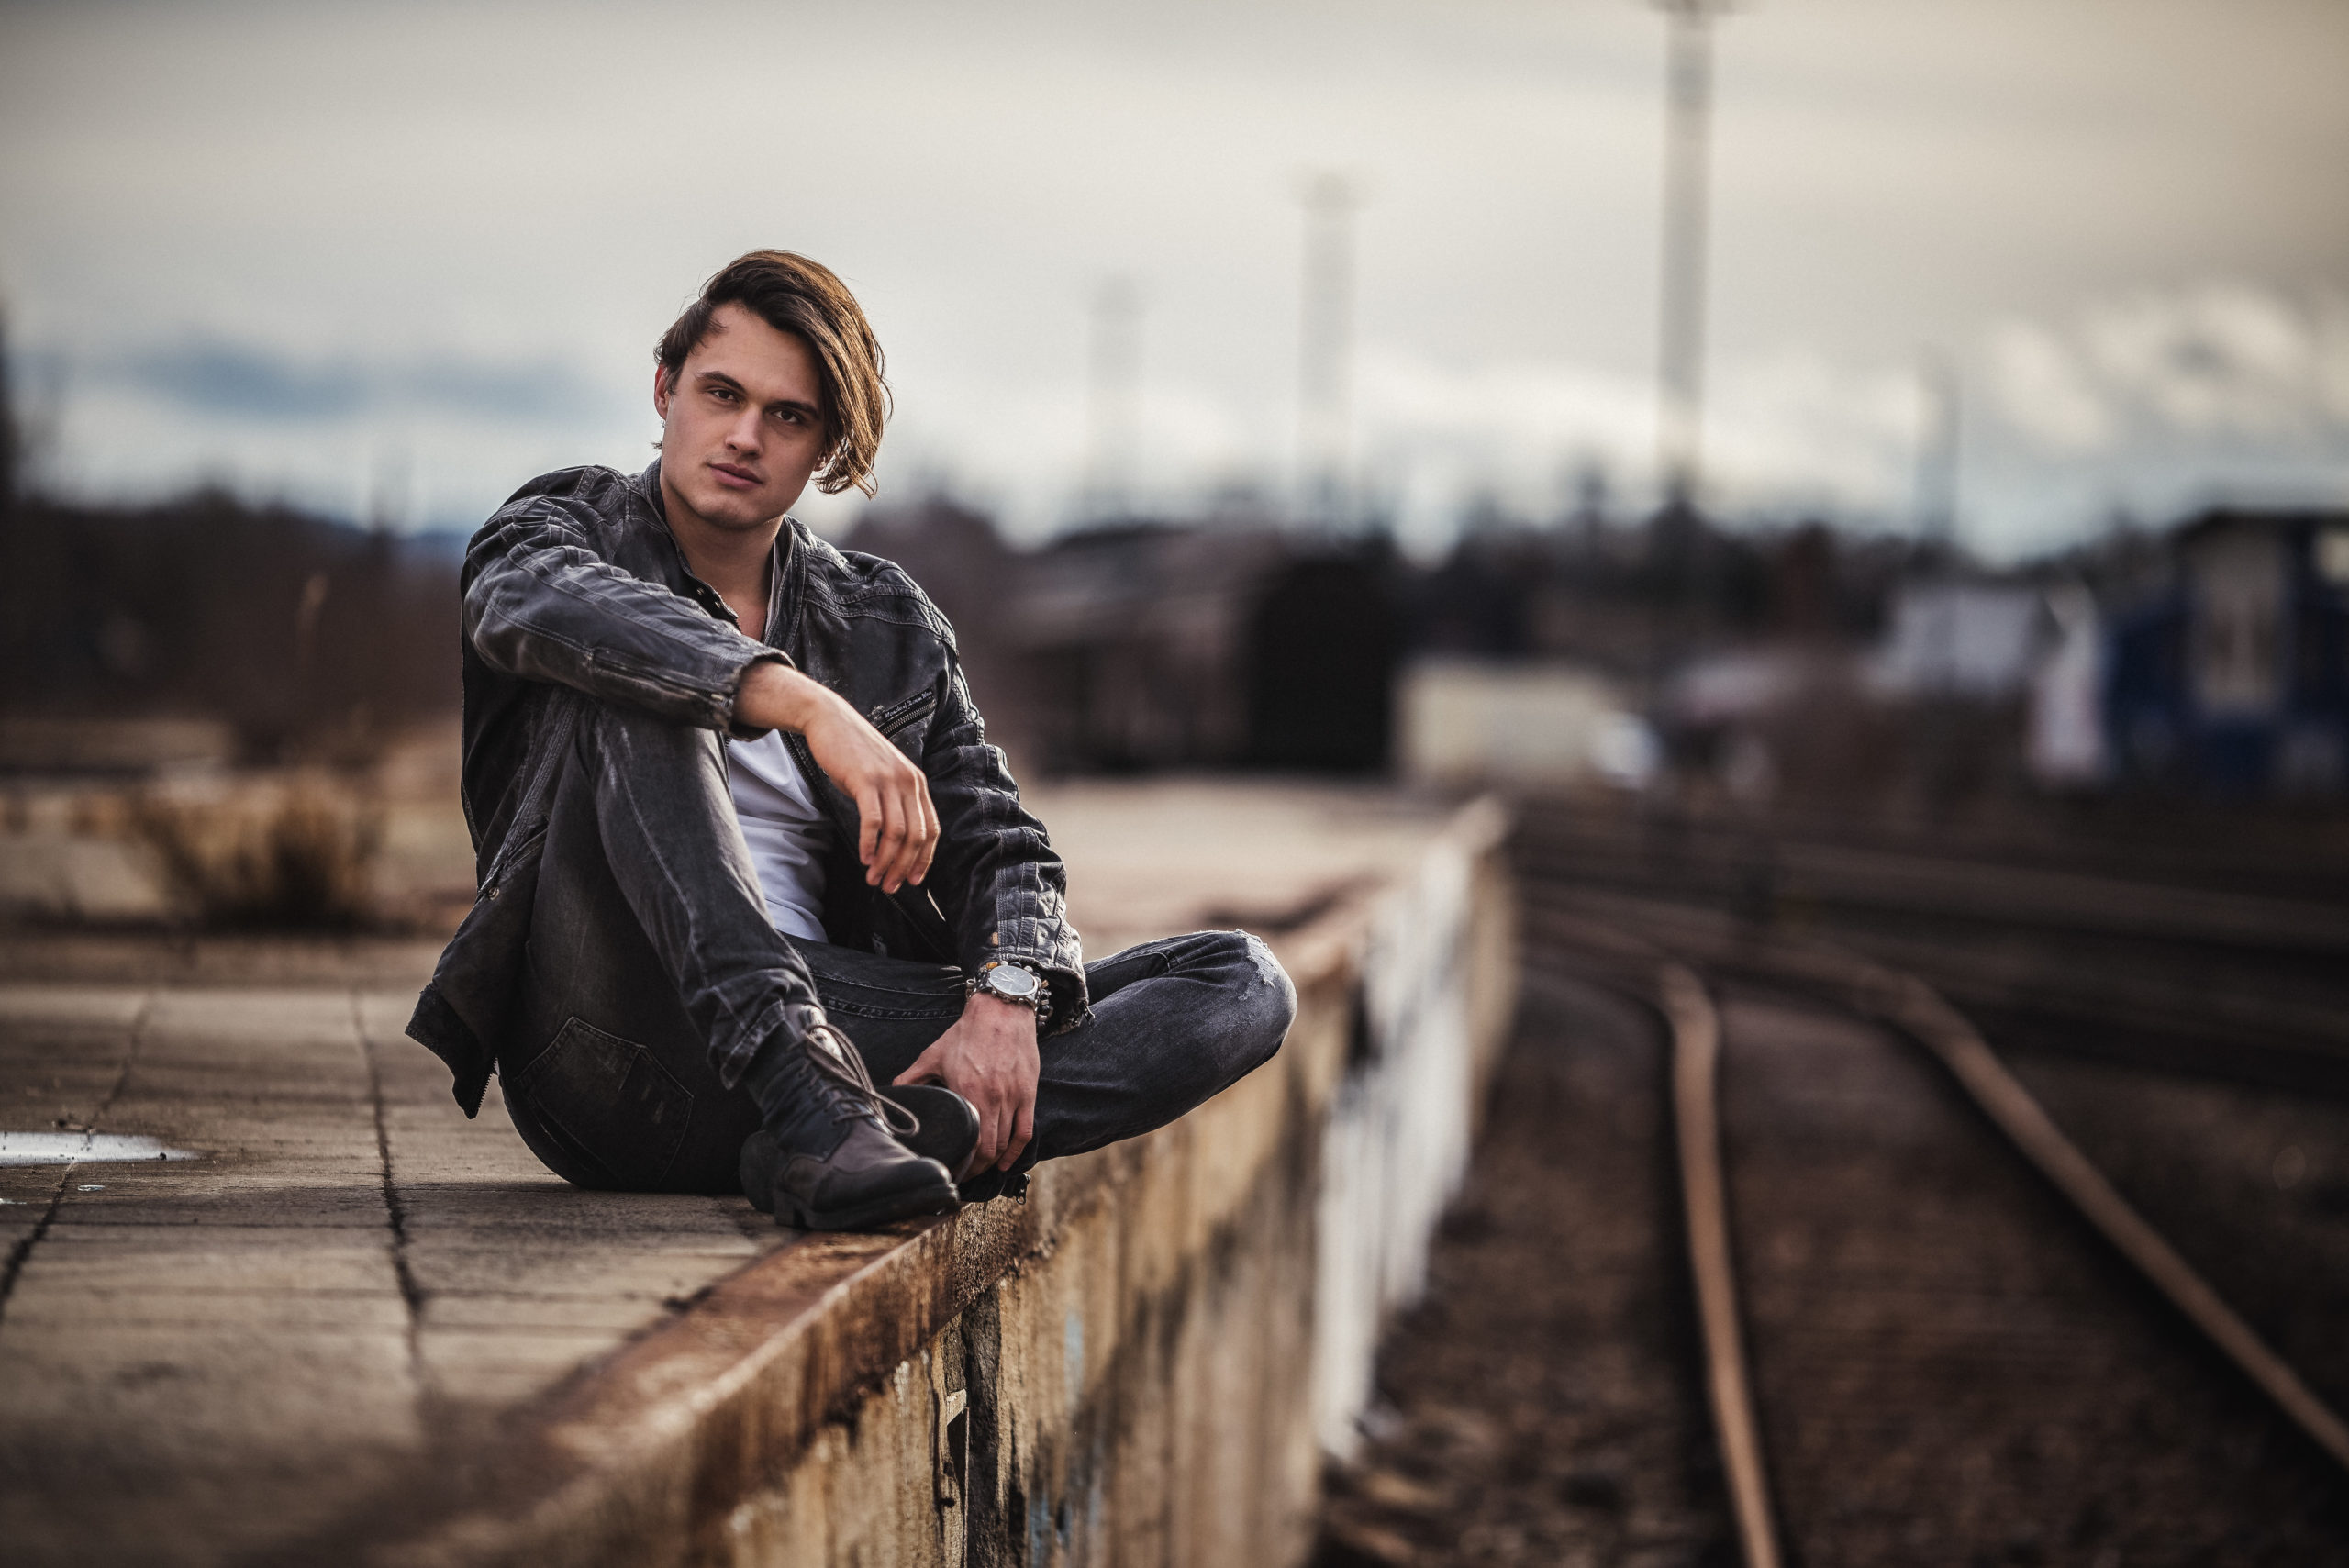 cooles Männerportrait Portraitfotoshooting